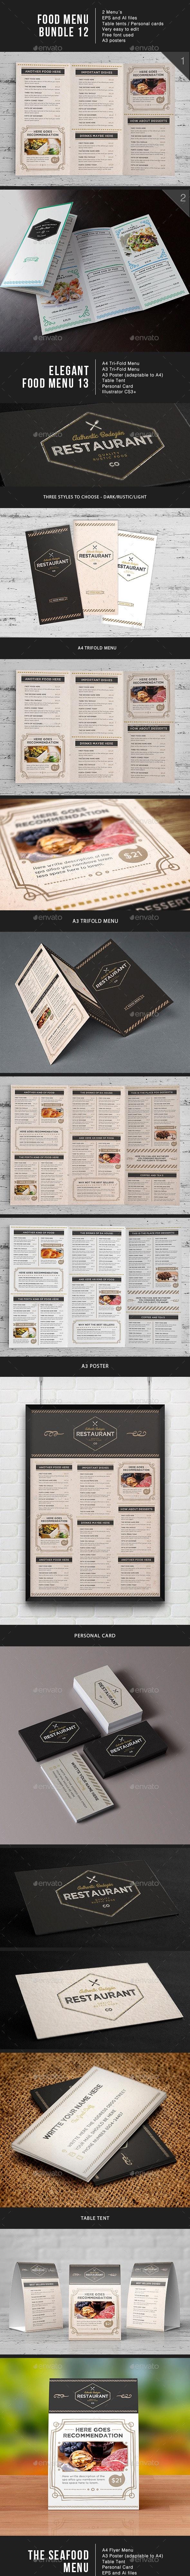 Food Menu Bundle 12 - Food Menus Print Templates